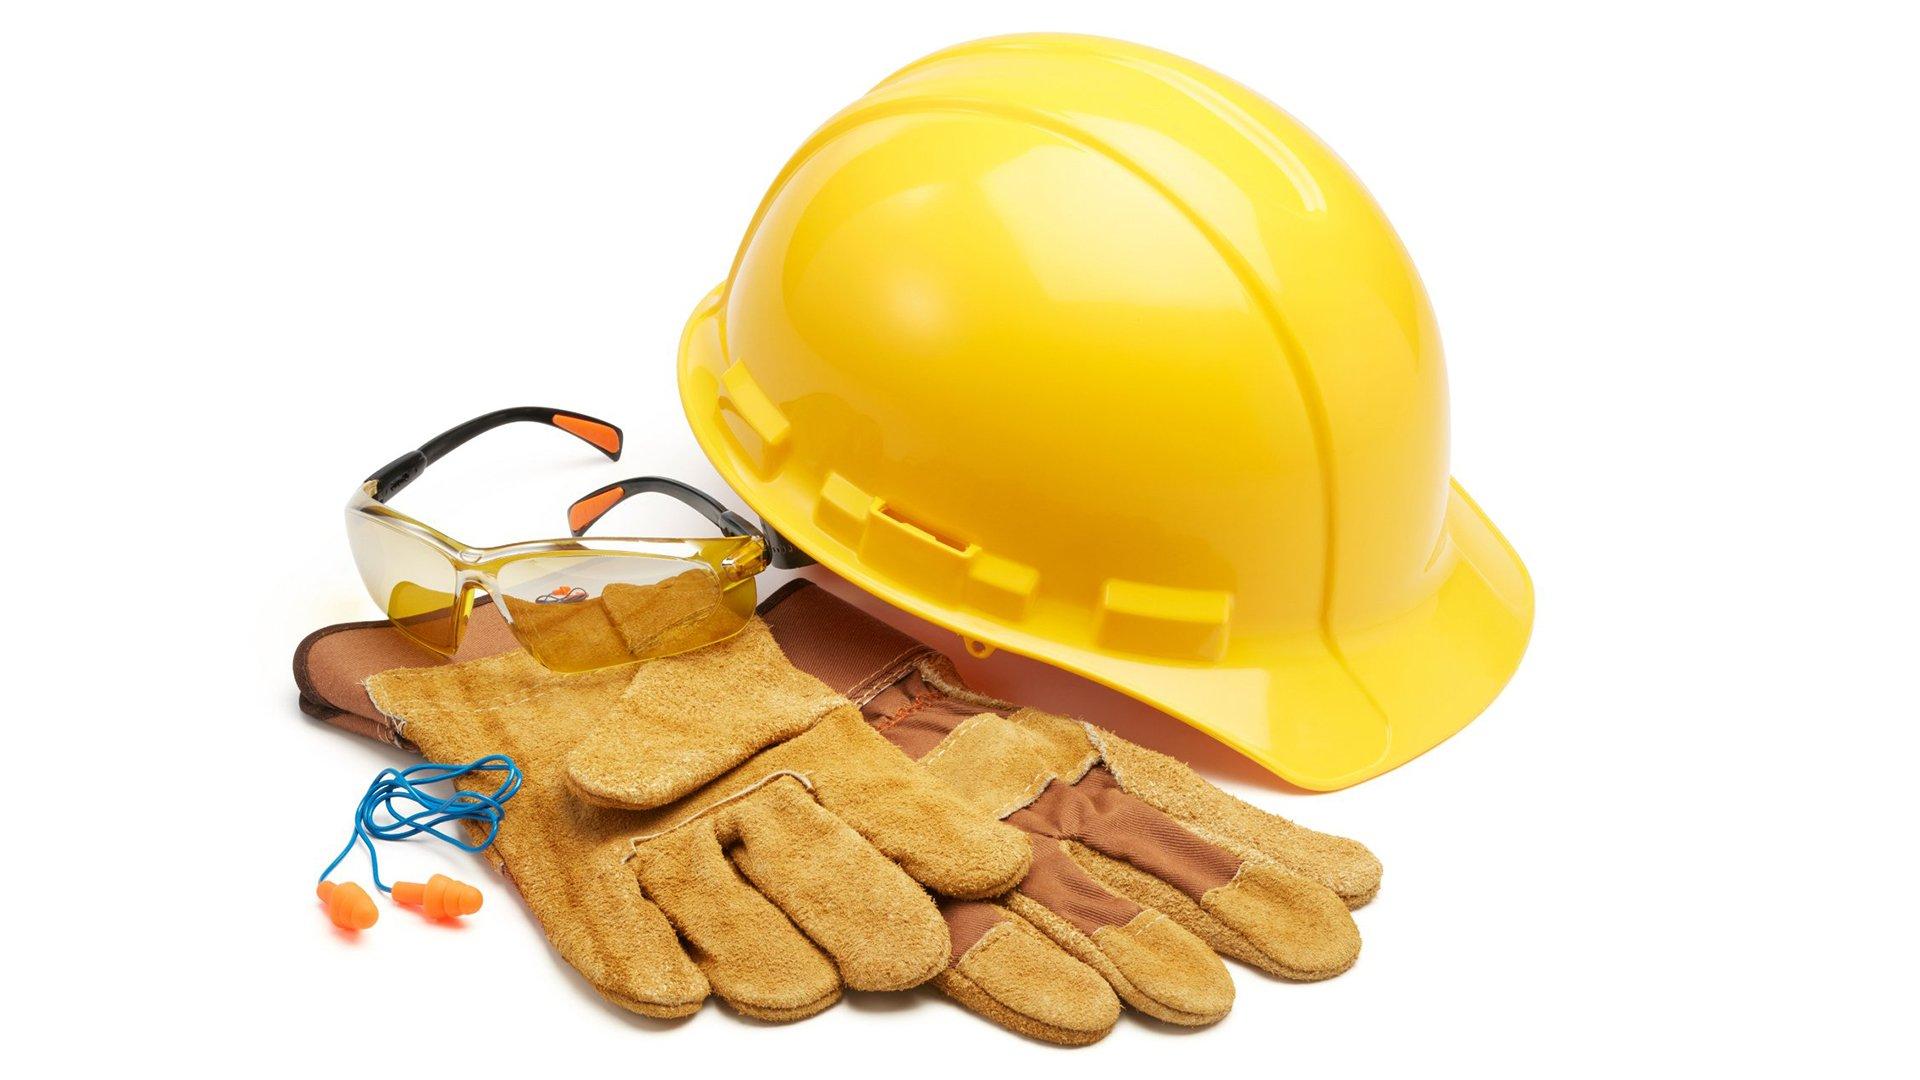 Arbeitskleidung und Arbeitsschutz